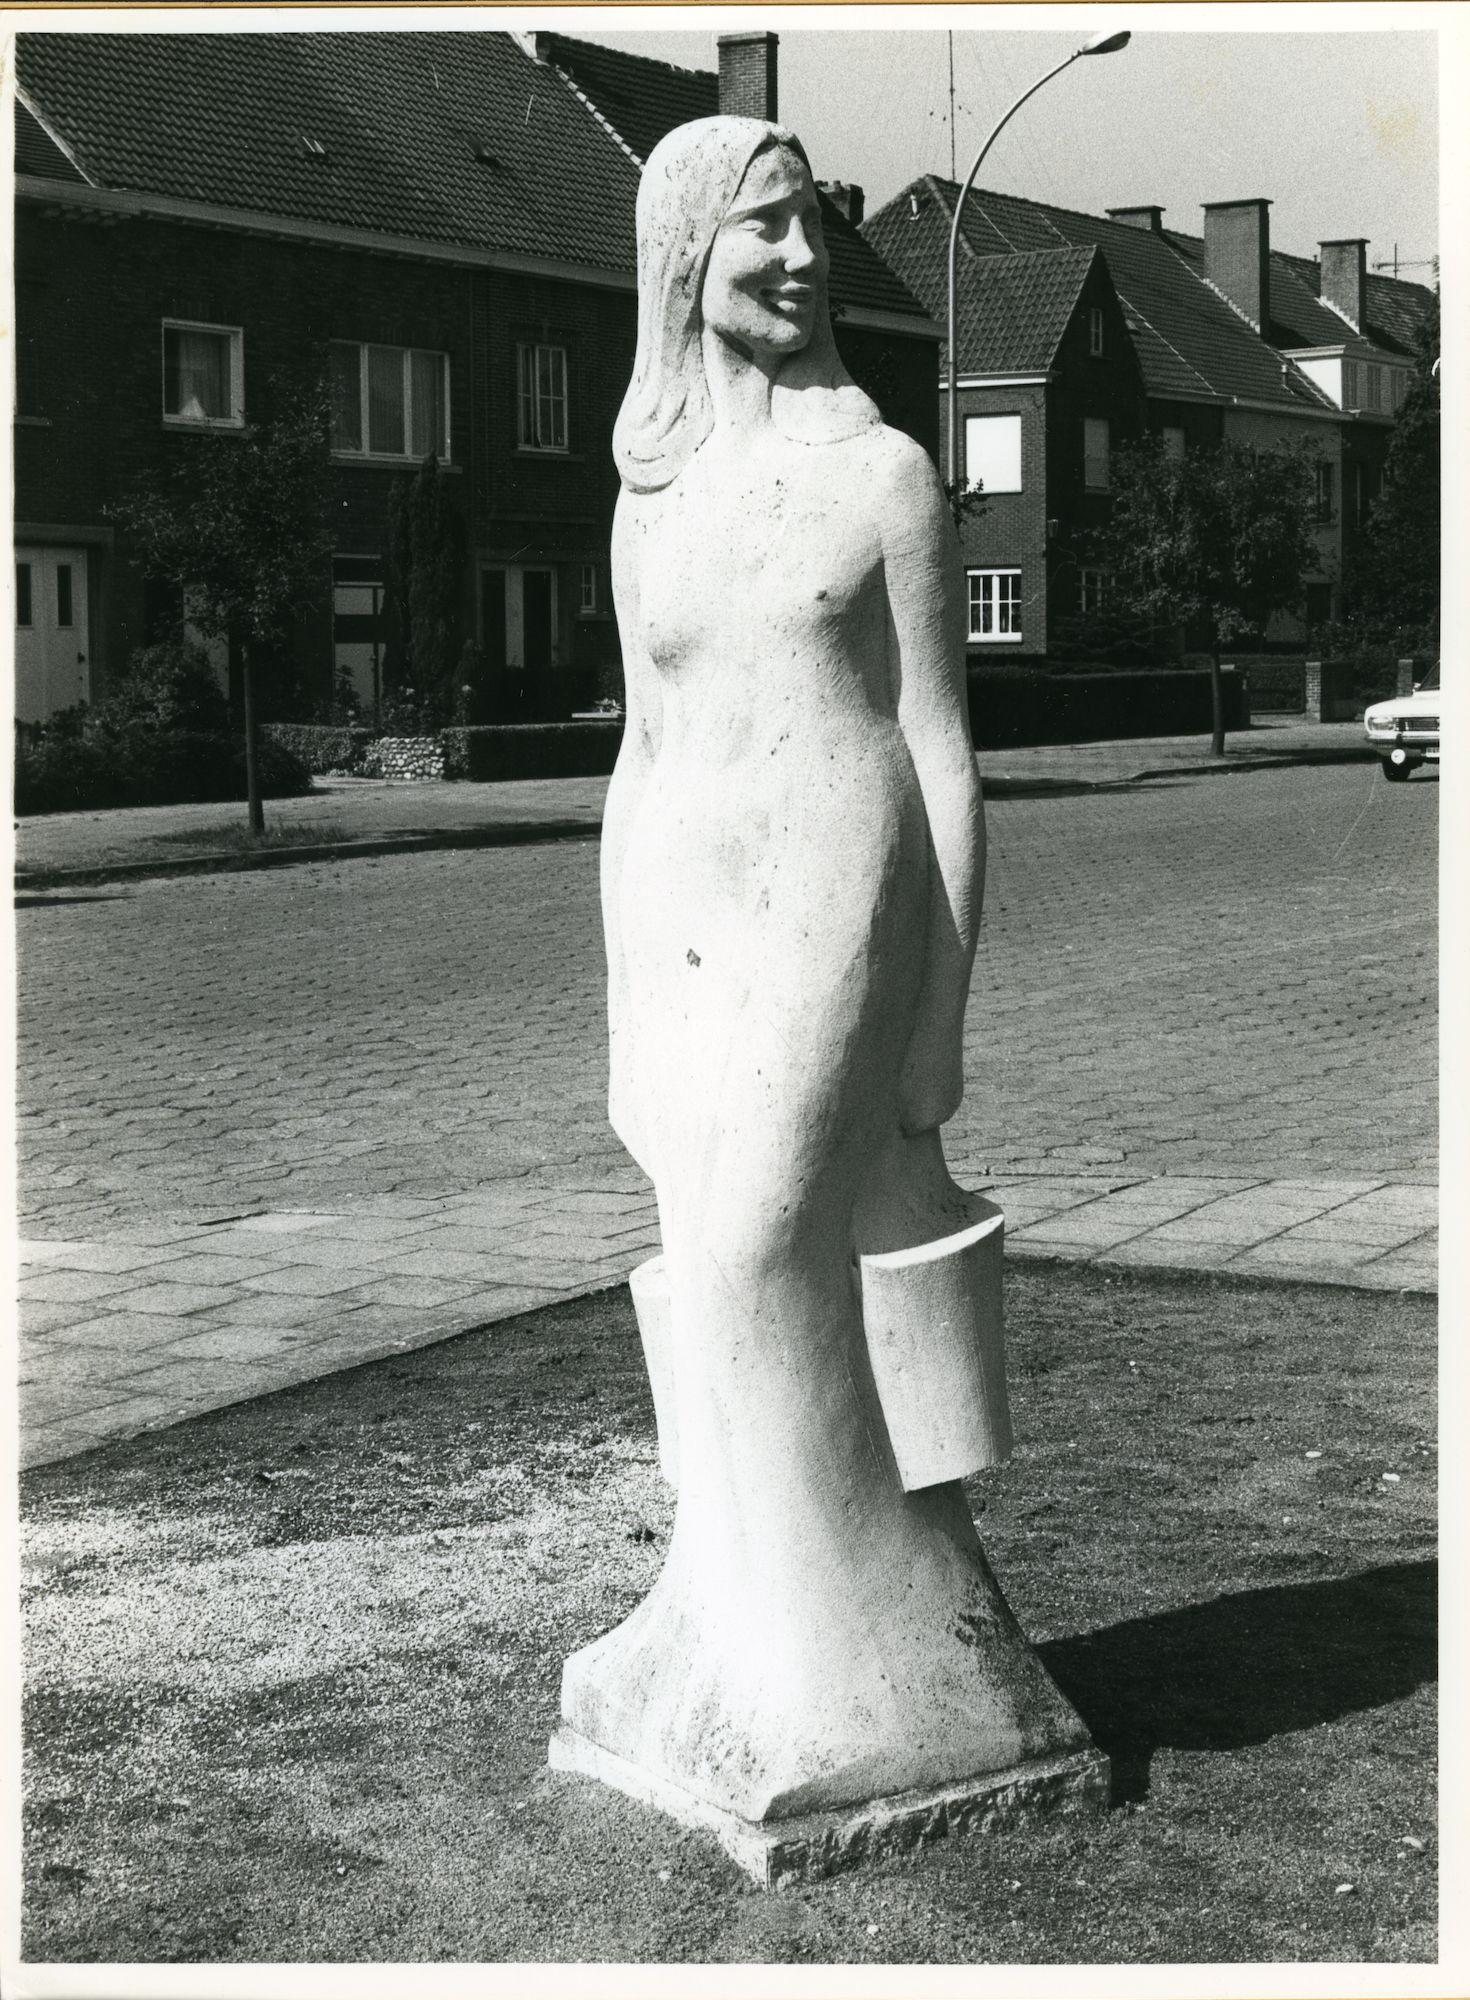 Gentbrugge: Braemkasteelstraat: Beeld, 1979